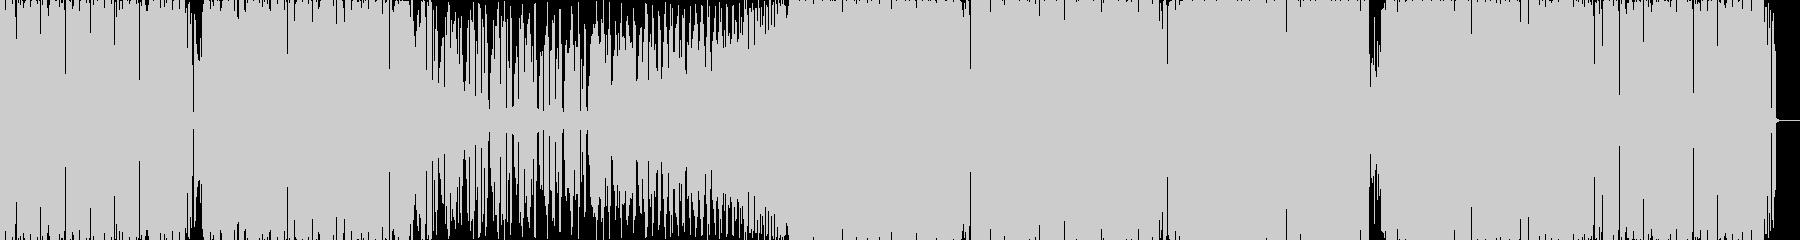 ハード系エレクトロの未再生の波形